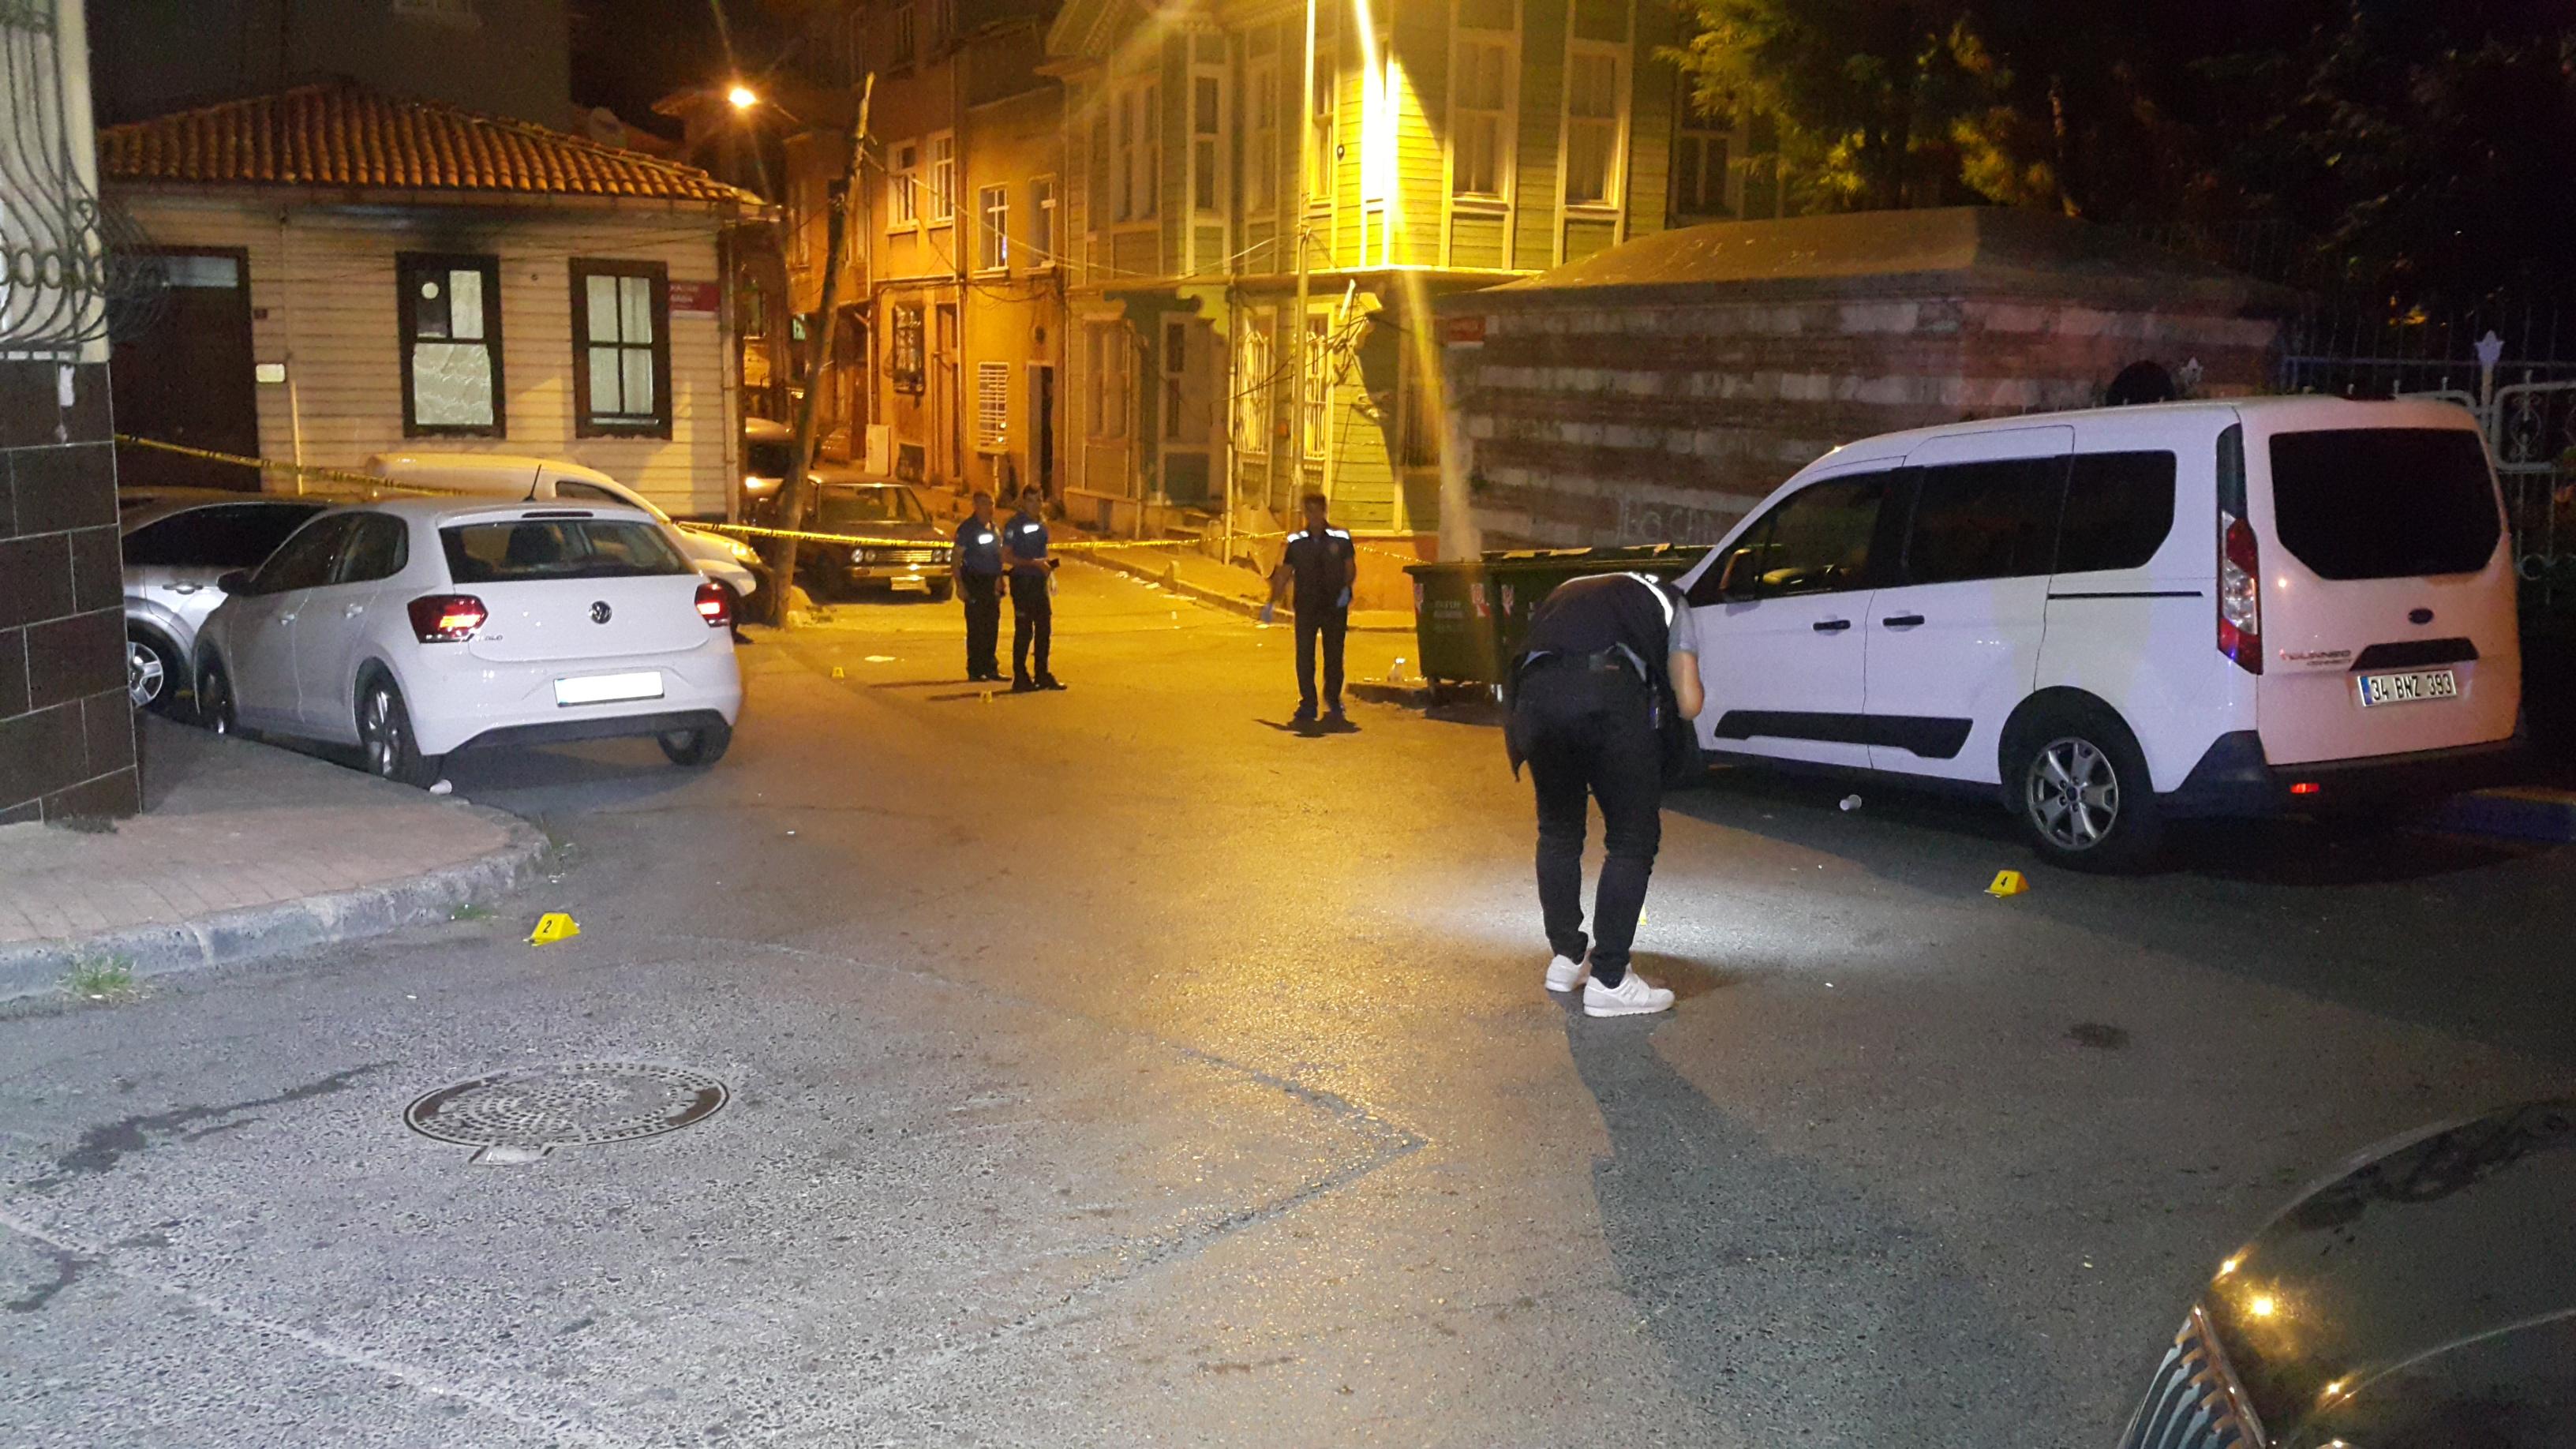 İstanbul Fatih'te silahlı saldırı! Bir ölü, 1 yaralı